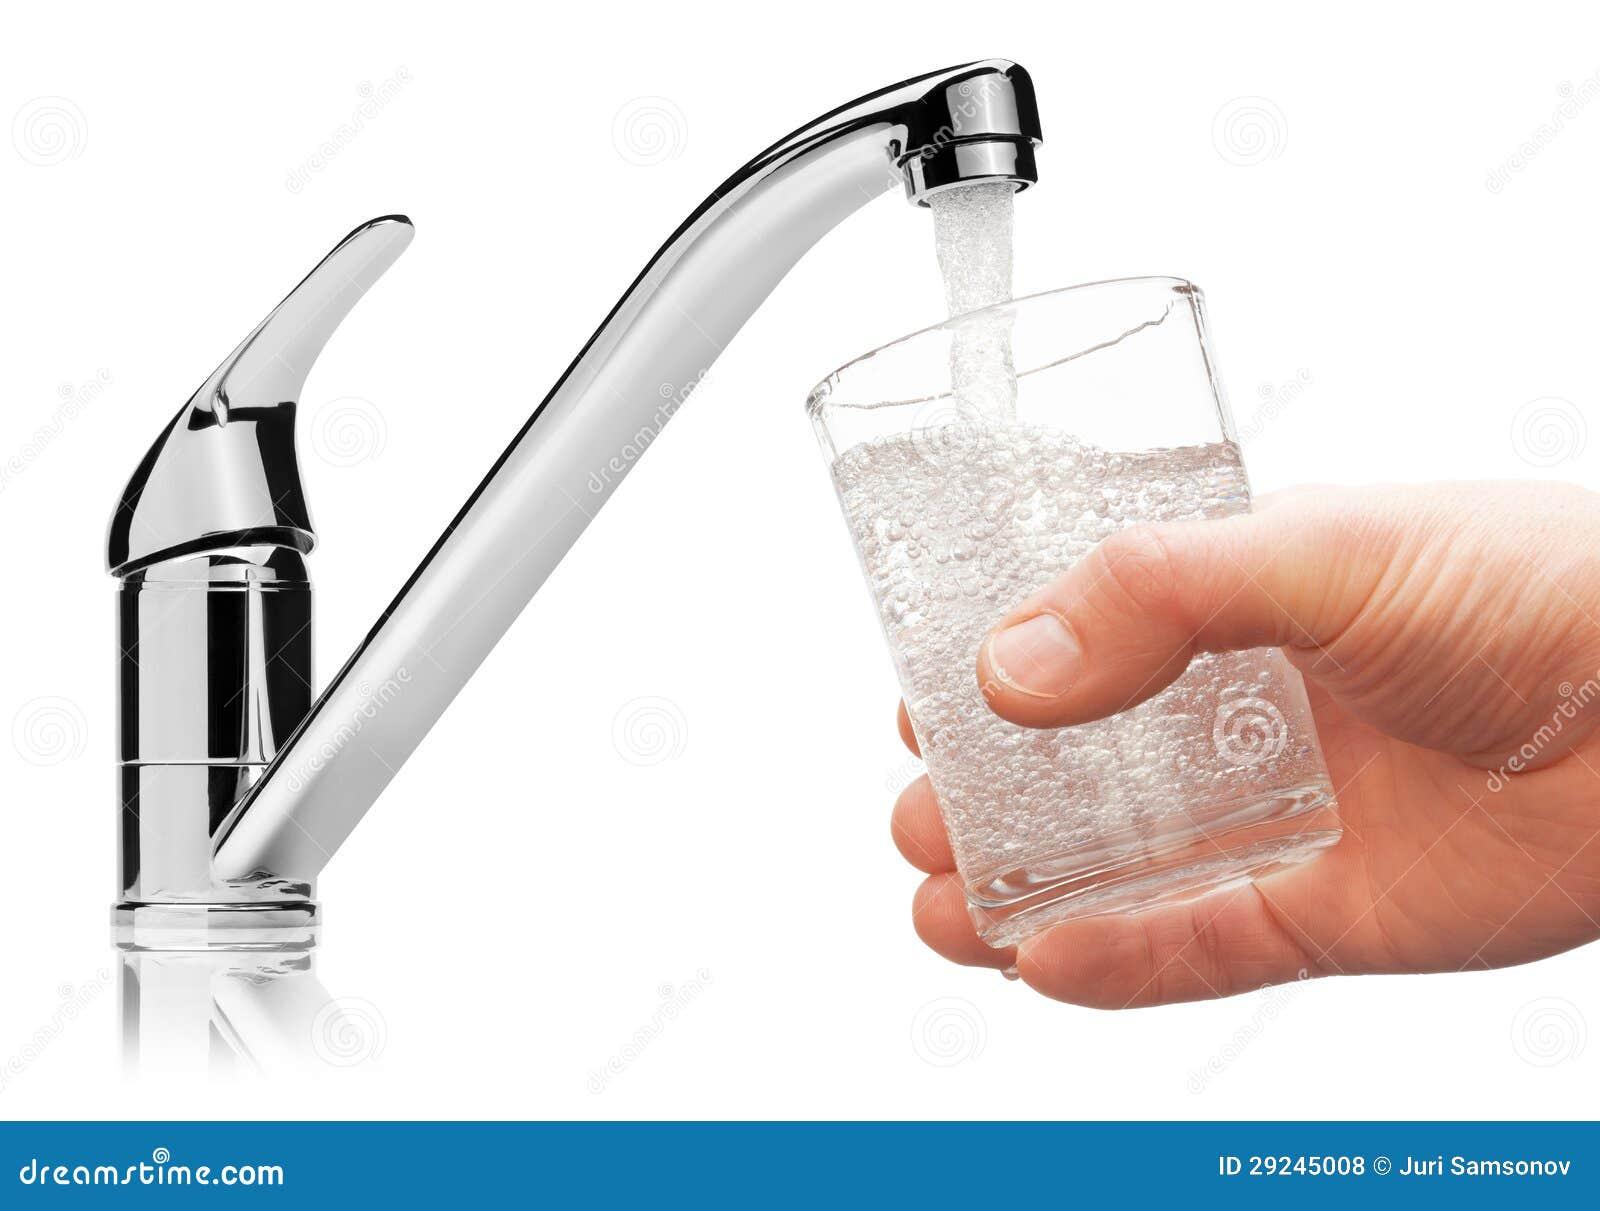 Glas gefüllt mit Trinkwasser vom Hahn.